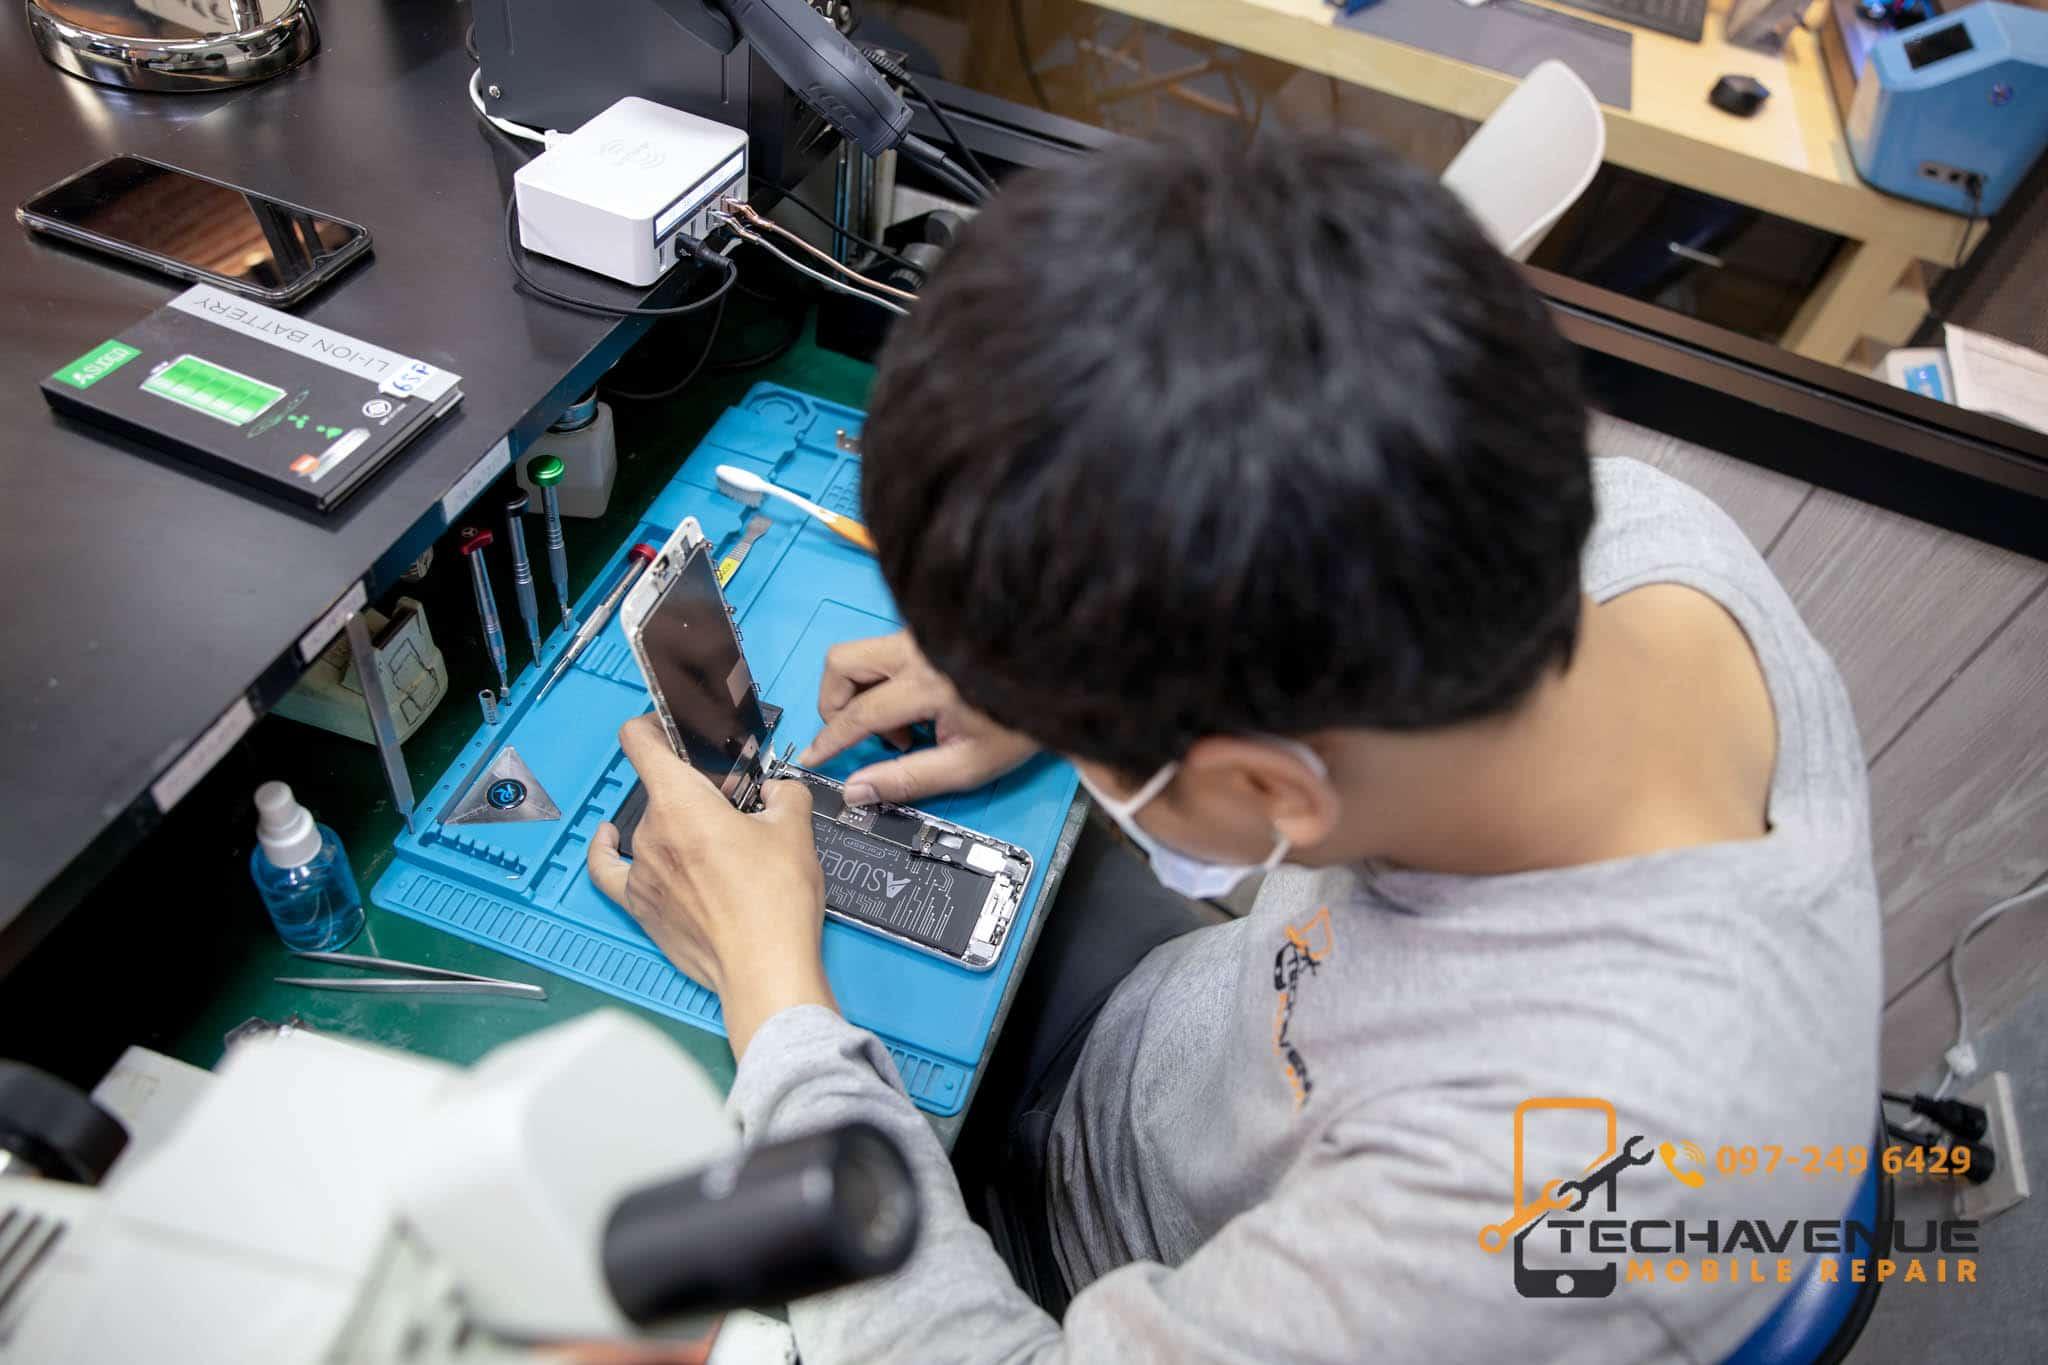 ซ่อมมือถือ กรุงเทพมหานคร ที่ไหนดี ราคาไม่แพง ใช้อะไหล่แท้ทุกชิ้น 🥇 ศูนย์ซ่อม โทรศัพท์มือถือ มือถือทุกรุ่น ทุกยี่ห้อ iPhone | Apple | Samsung | Huawei